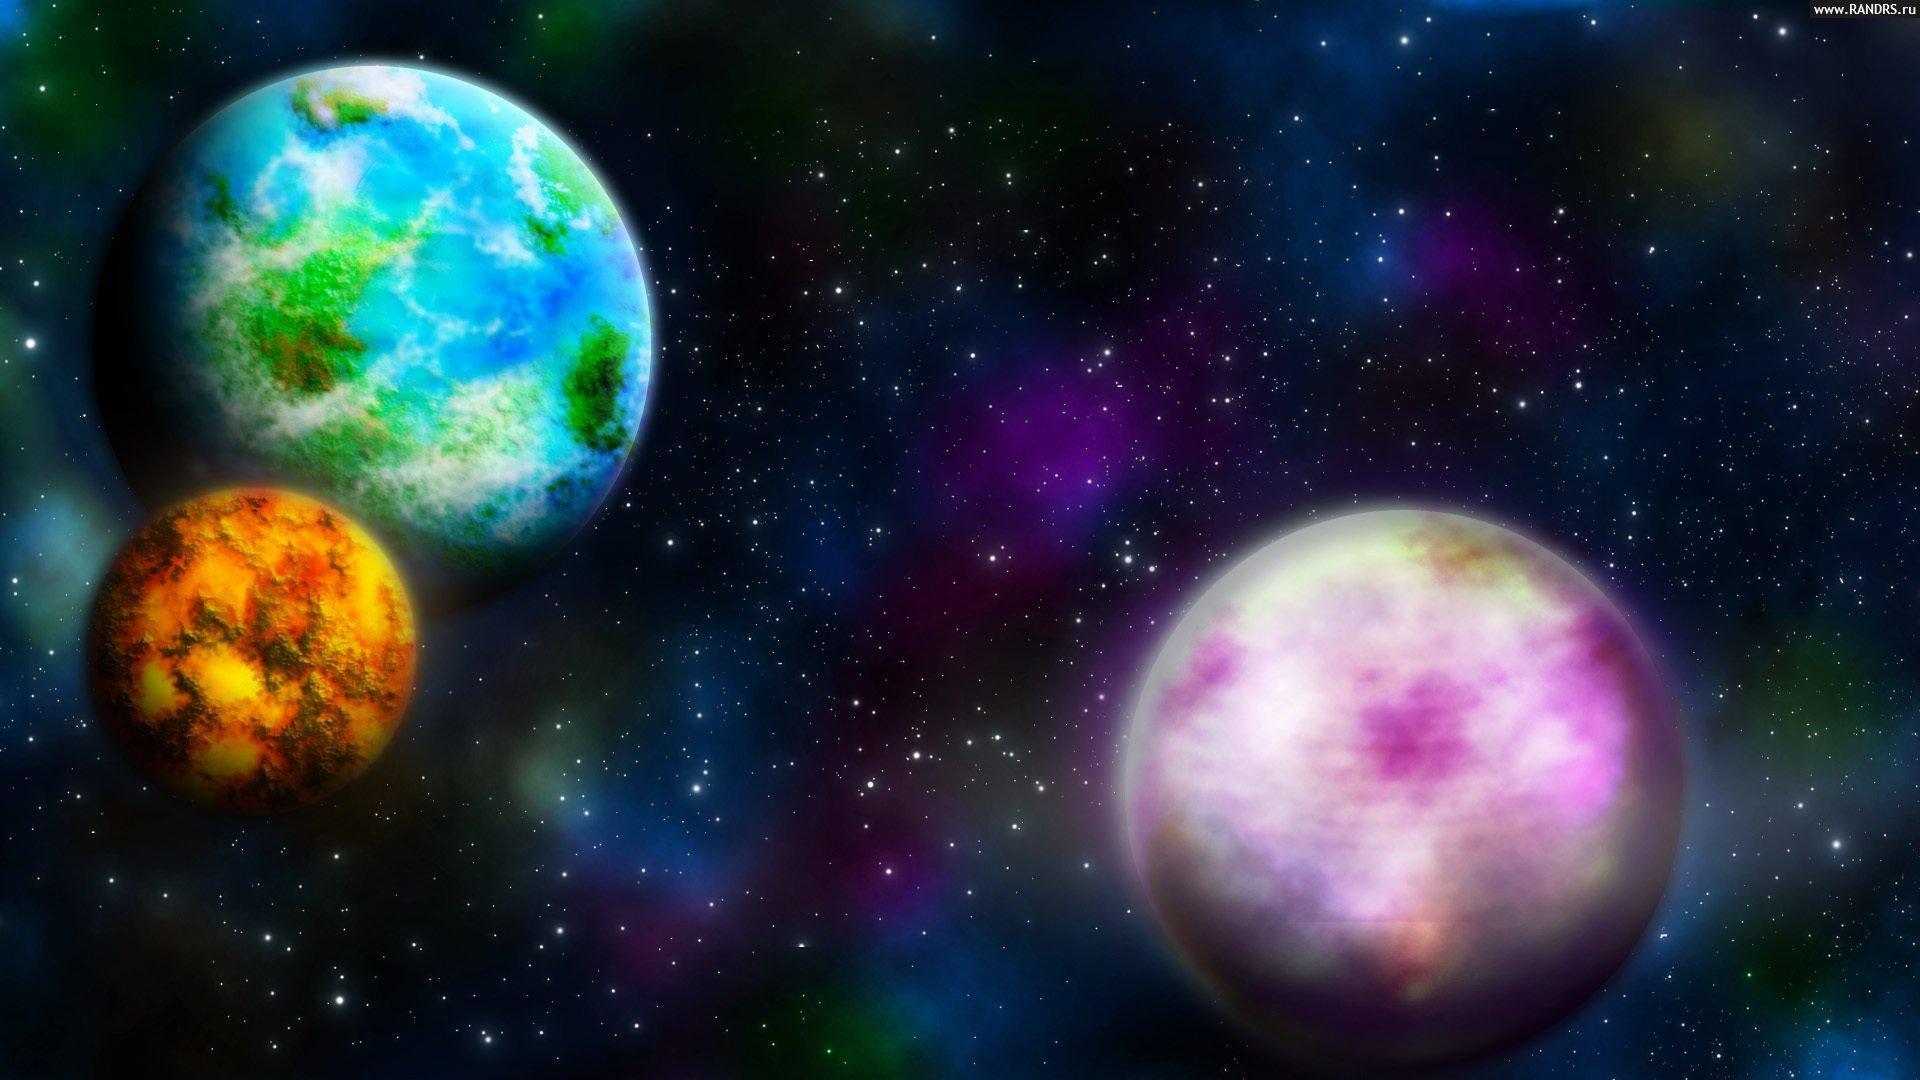 Обои радужная планета картинки на рабочий стол на тему Космос — скачать на телефон